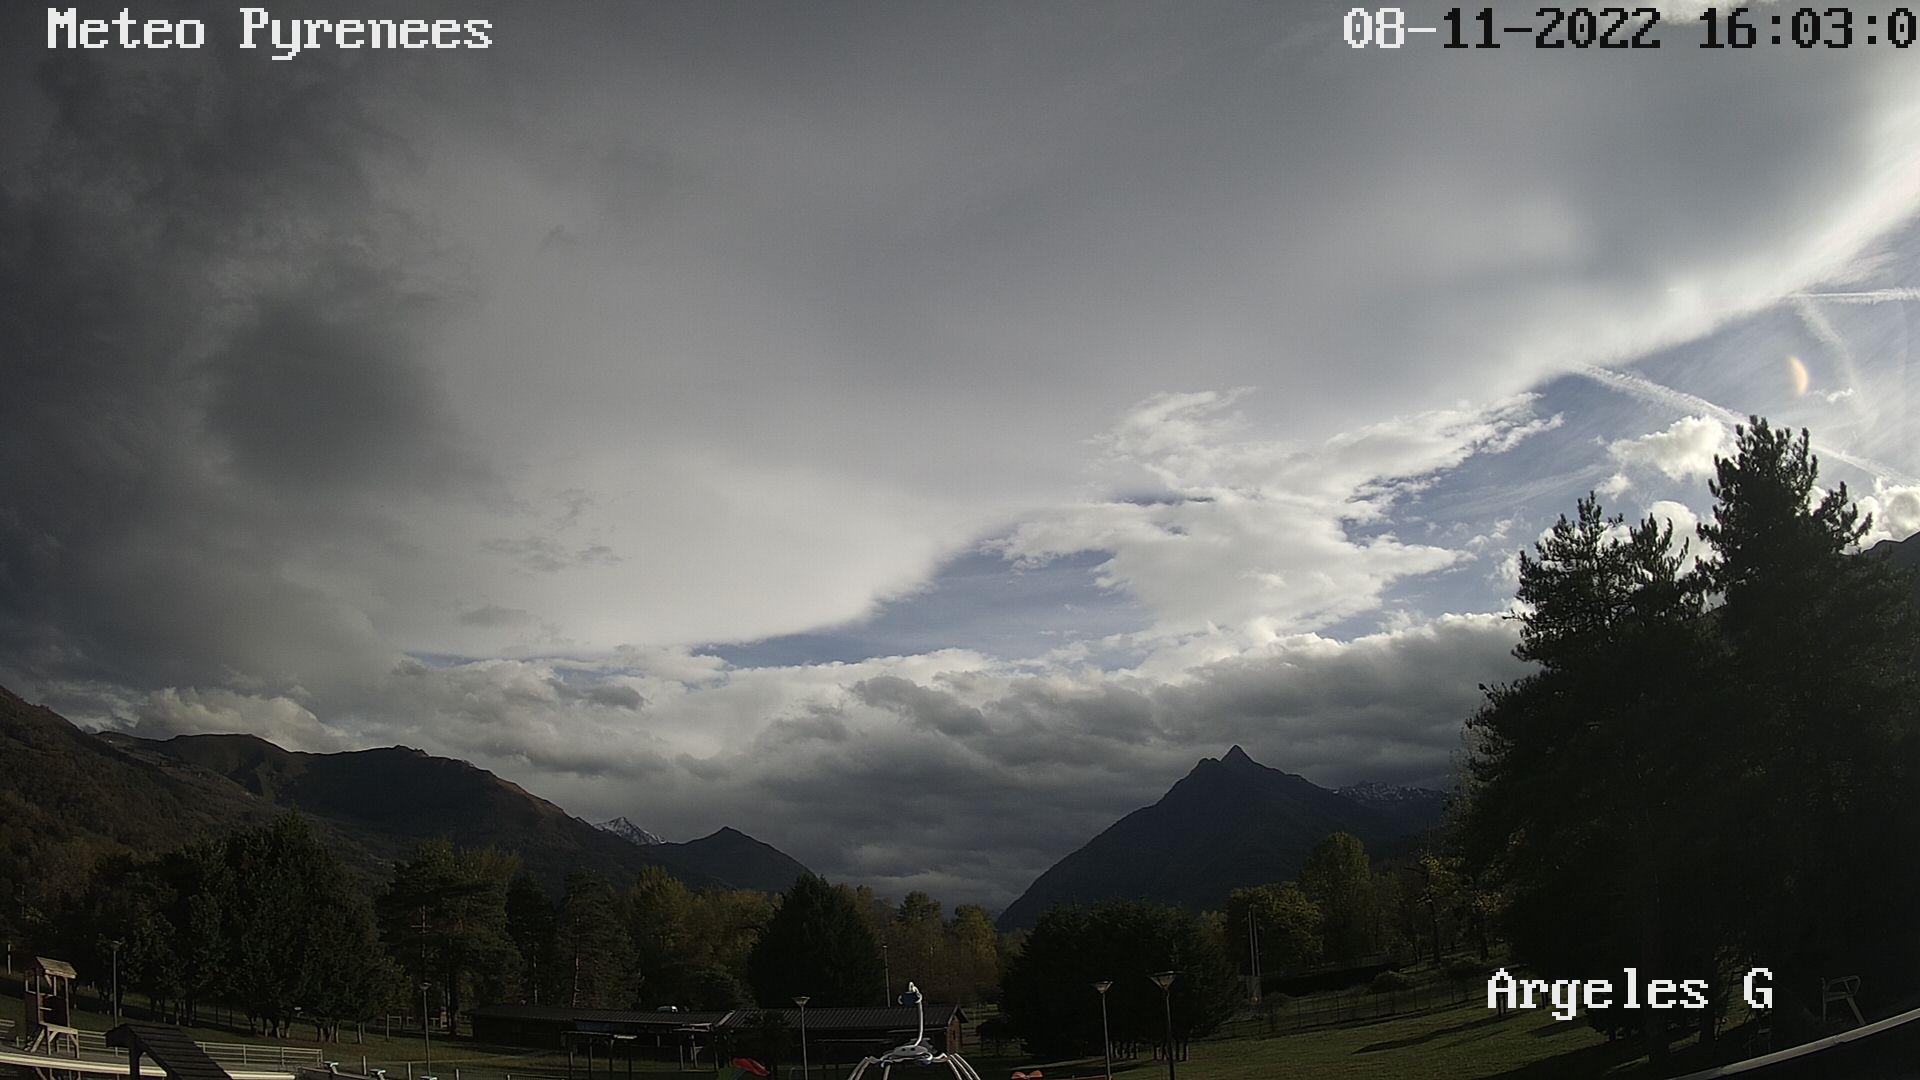 webcam Argeles Gazost